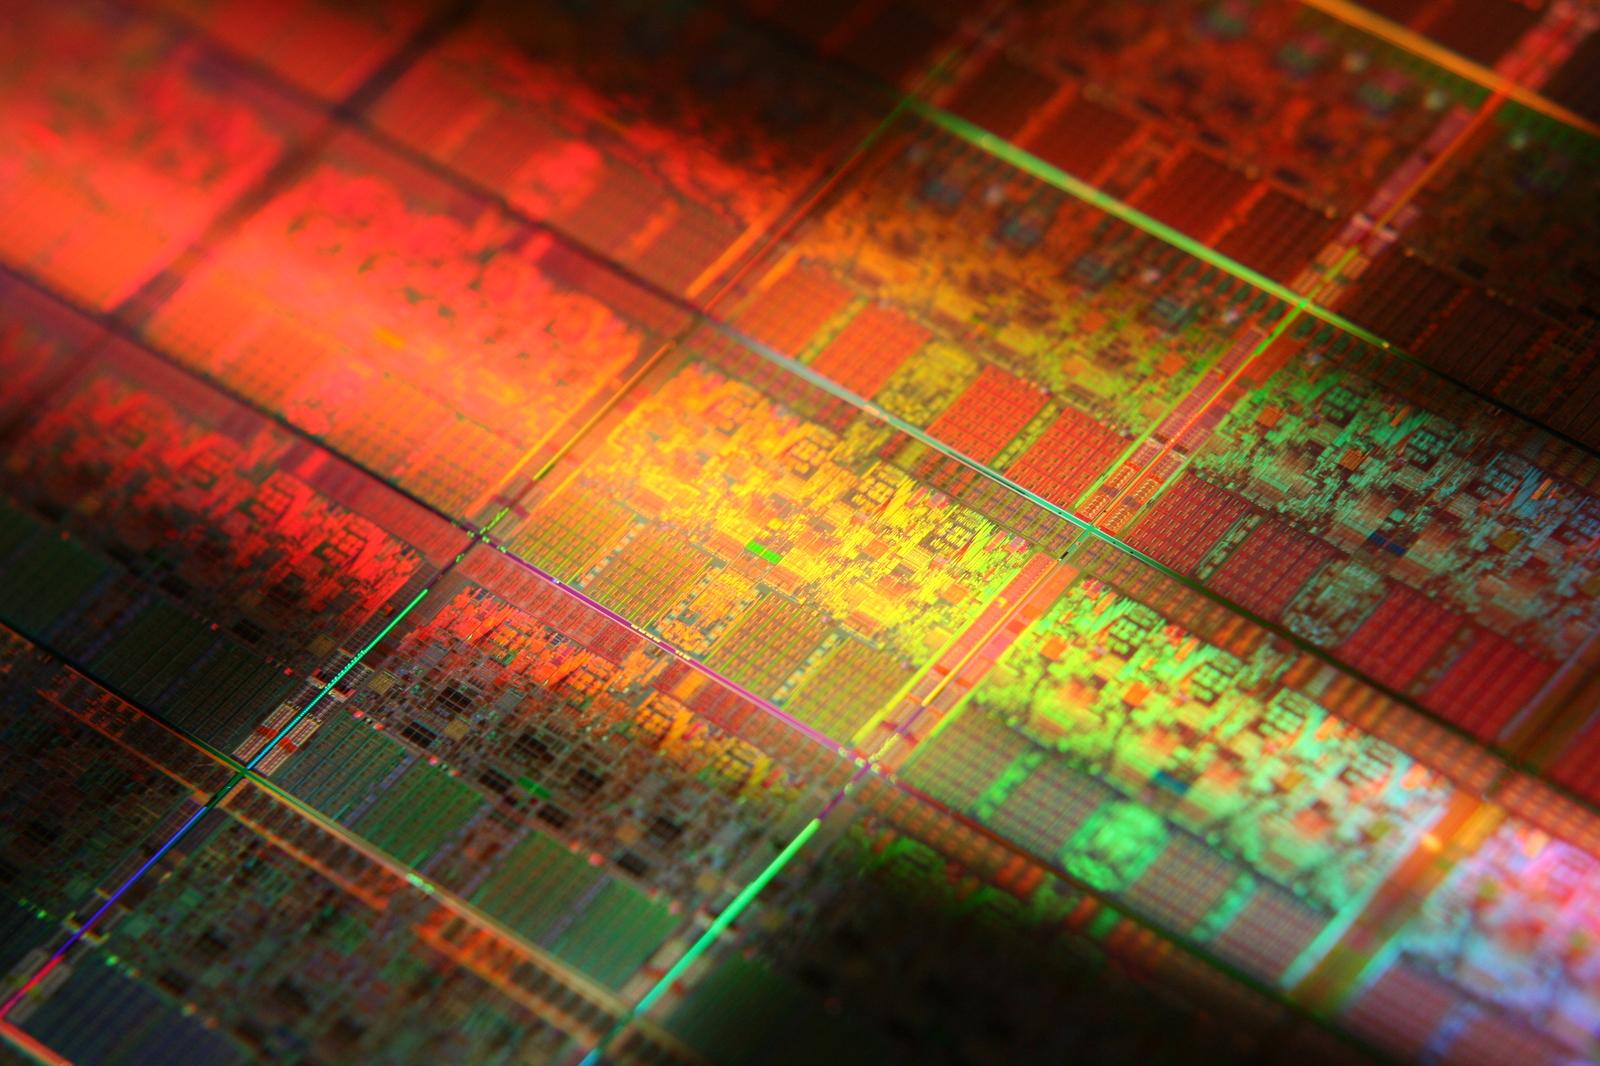 Новая технология нанесения транзисторов - распыление полупроводникового материала, подобно краске, из пульверизатора.